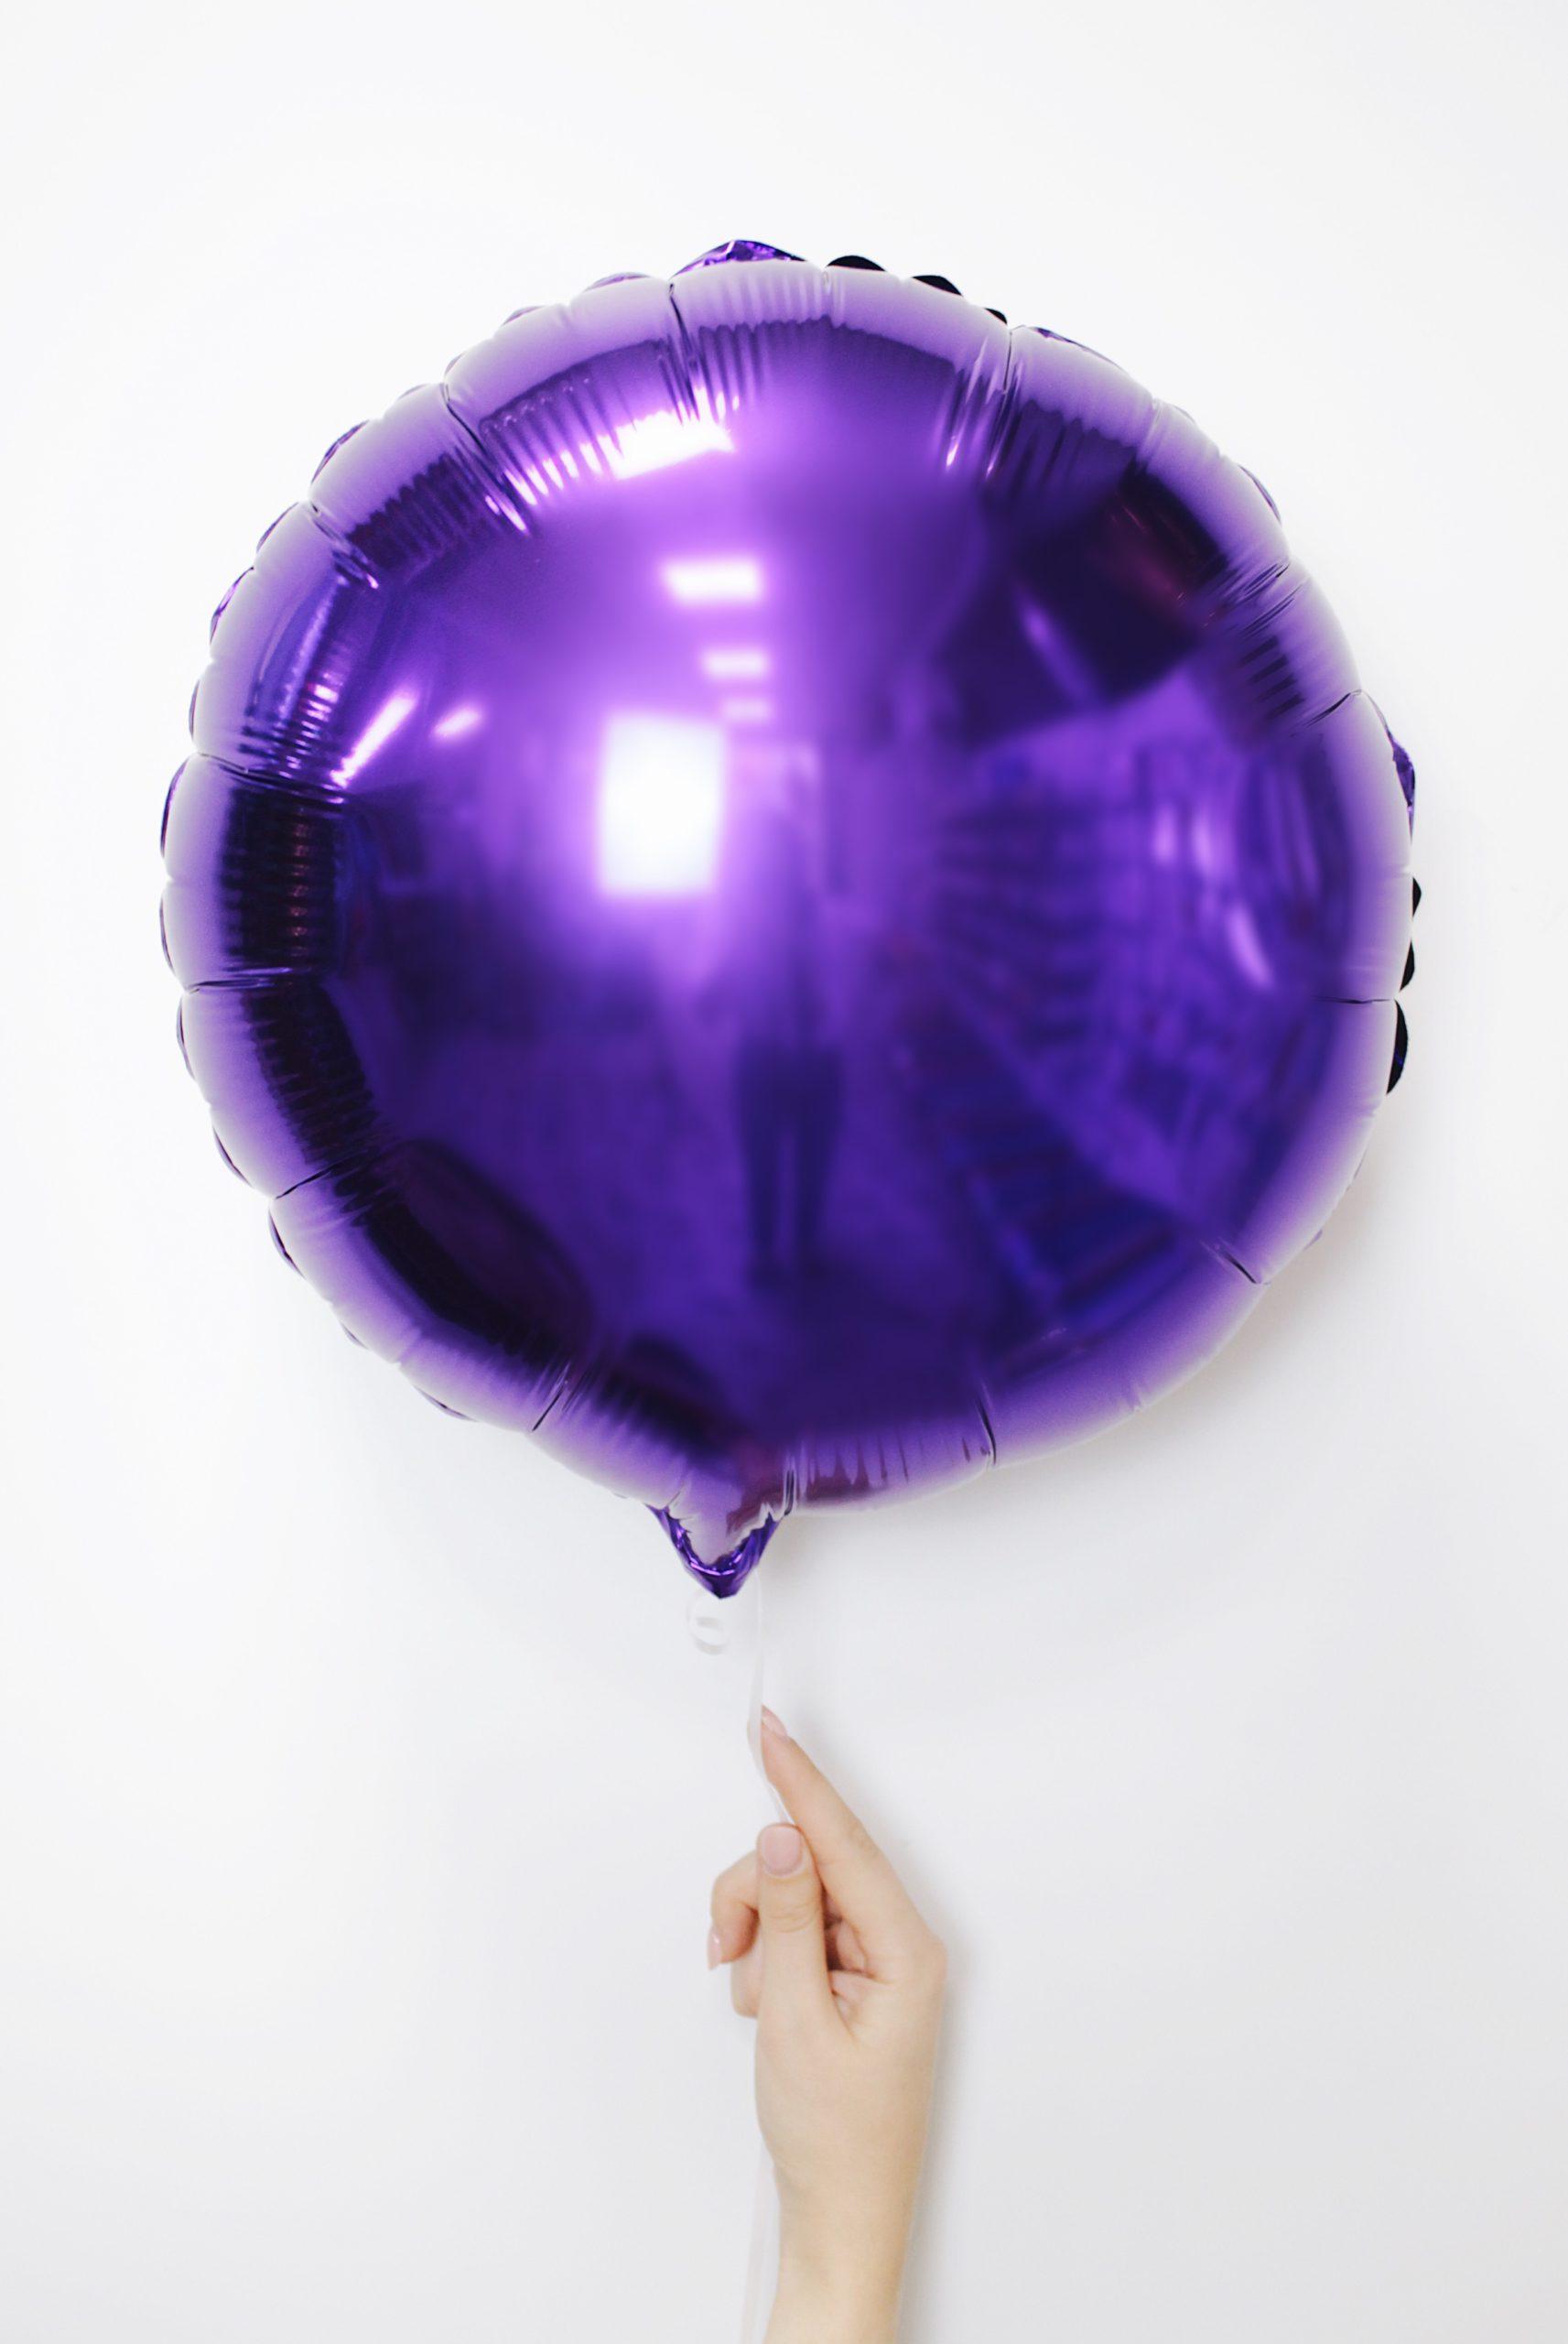 Надув ваших кульок